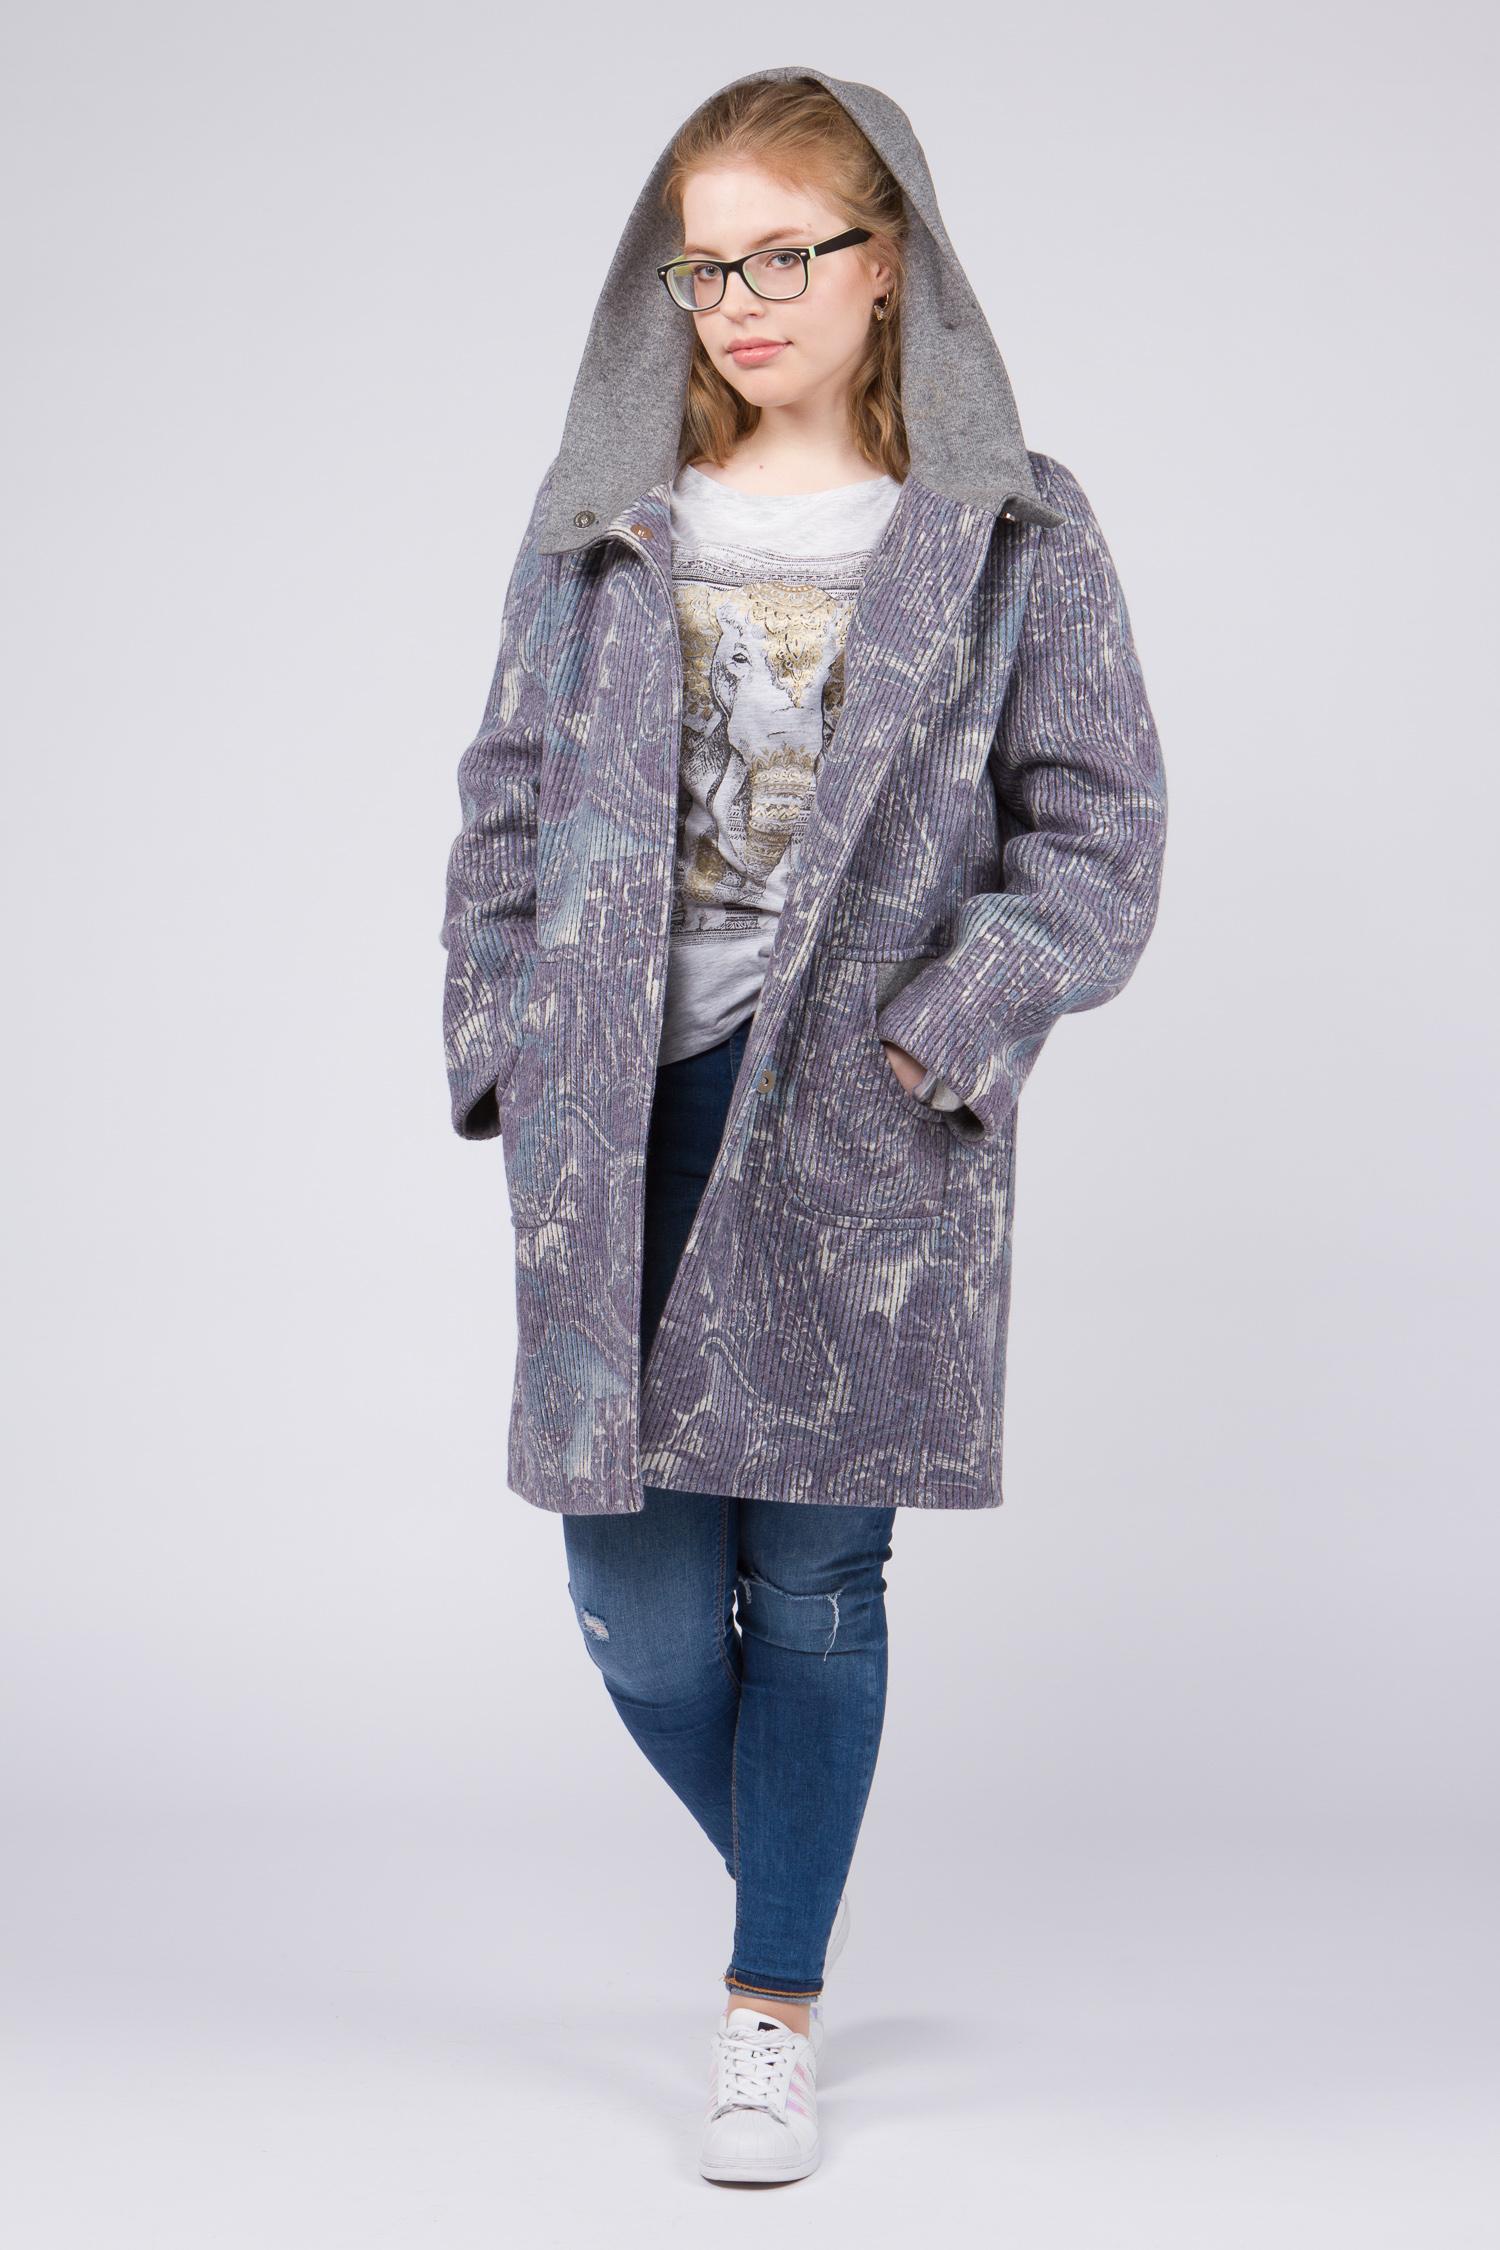 Женское пальто с капюшоном, без отделкиСтильное и одновременно элегантное шерстяное пальто, выполненное из натуральных итальянских тканей с использованием высококачественной фурнитуры. Сочетает в себе<br>безупречный крой и оригинальное дизайнерское решение.<br>Модель представляет собой не просто верхнюю одежду, это - must have для любой модницы.<br><br>Воротник: капюшон<br>Длина см: Длинная (свыше 90)<br>Материал: Комбинированный состав<br>Цвет: серый<br>Вид застежки: центральная<br>Застежка: на кнопки<br>Пол: Женский<br>Размер RU: 54